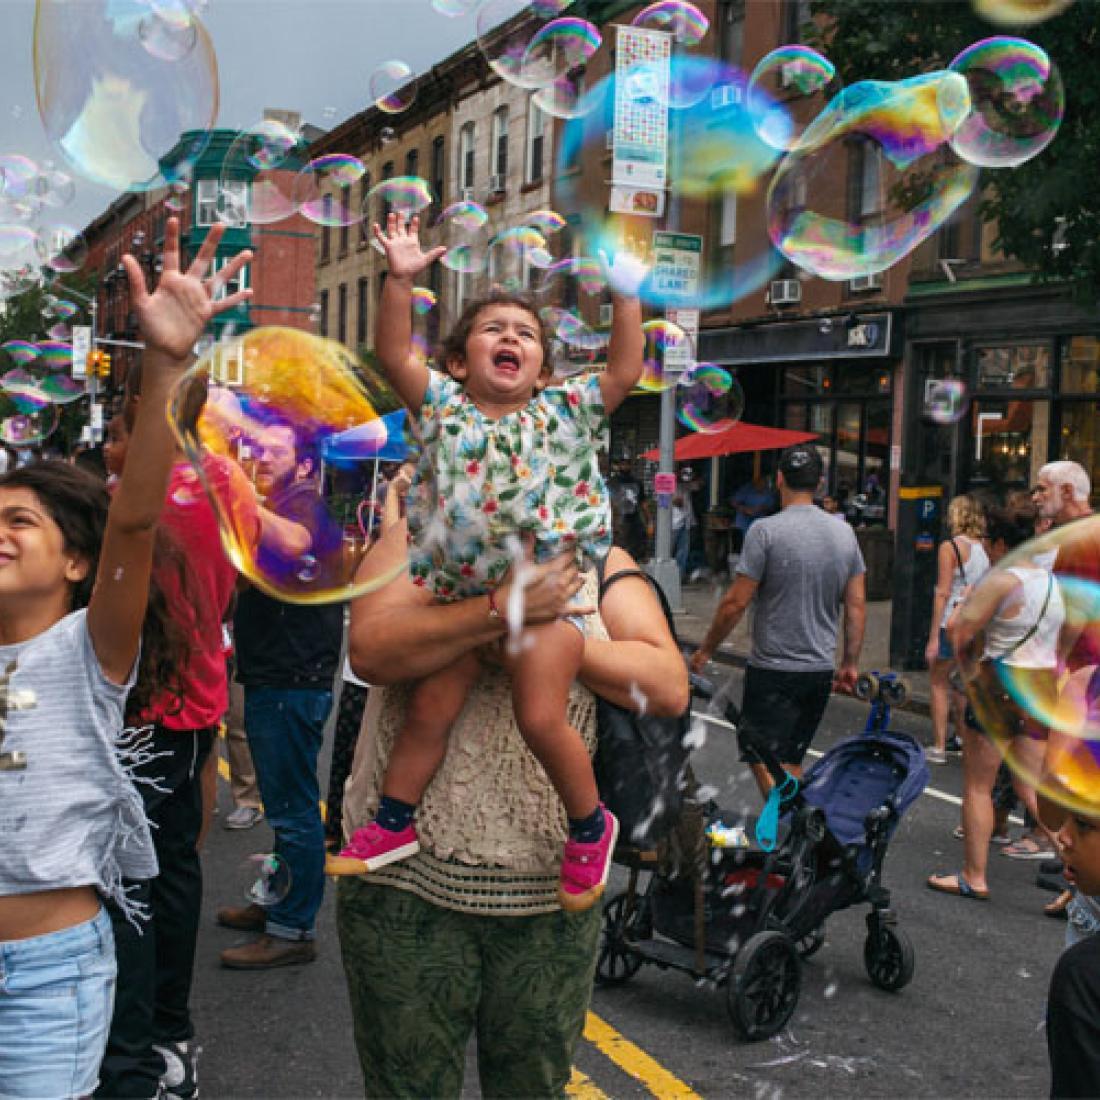 Membros da comunidade Park Slope na rua brincando com bolhas.